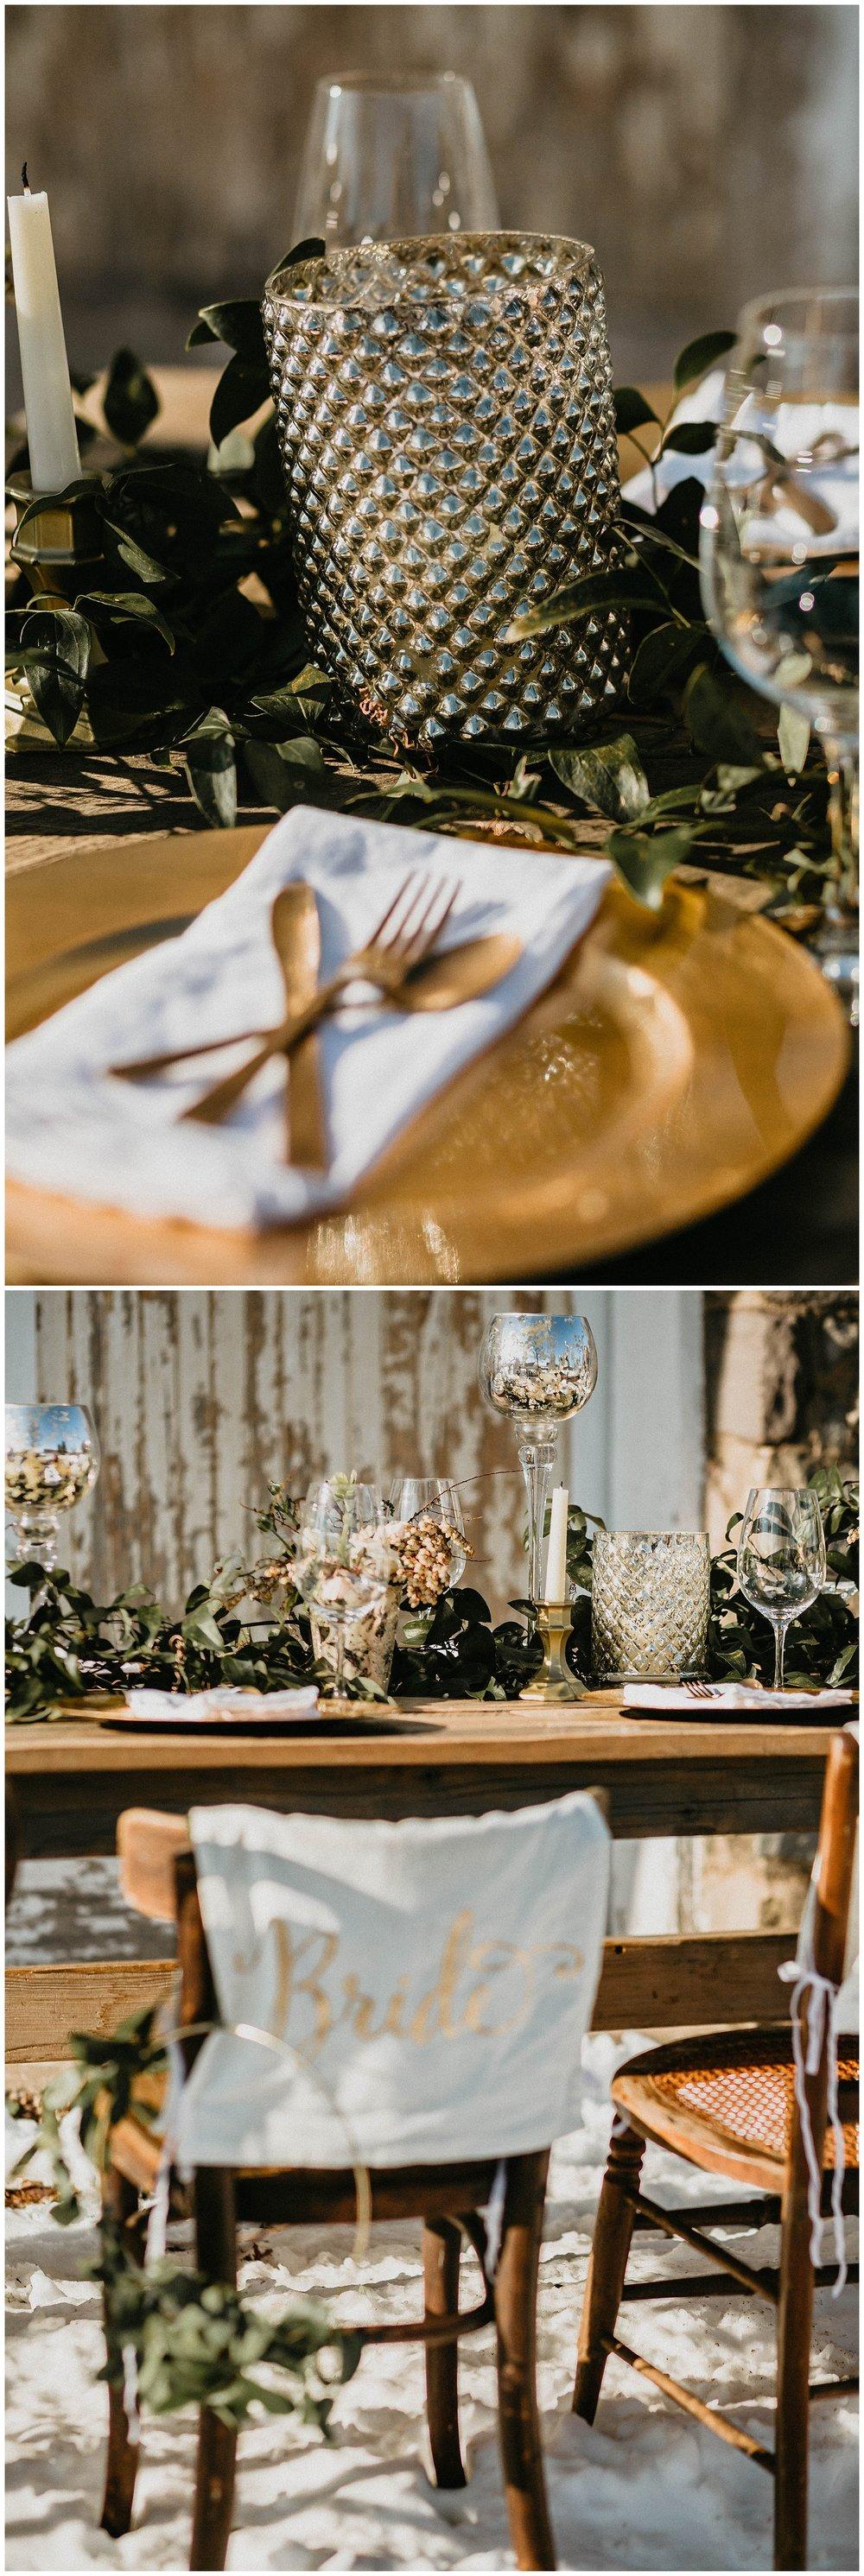 Pocono Winter Wedding with Bride and Groom_0166.jpg